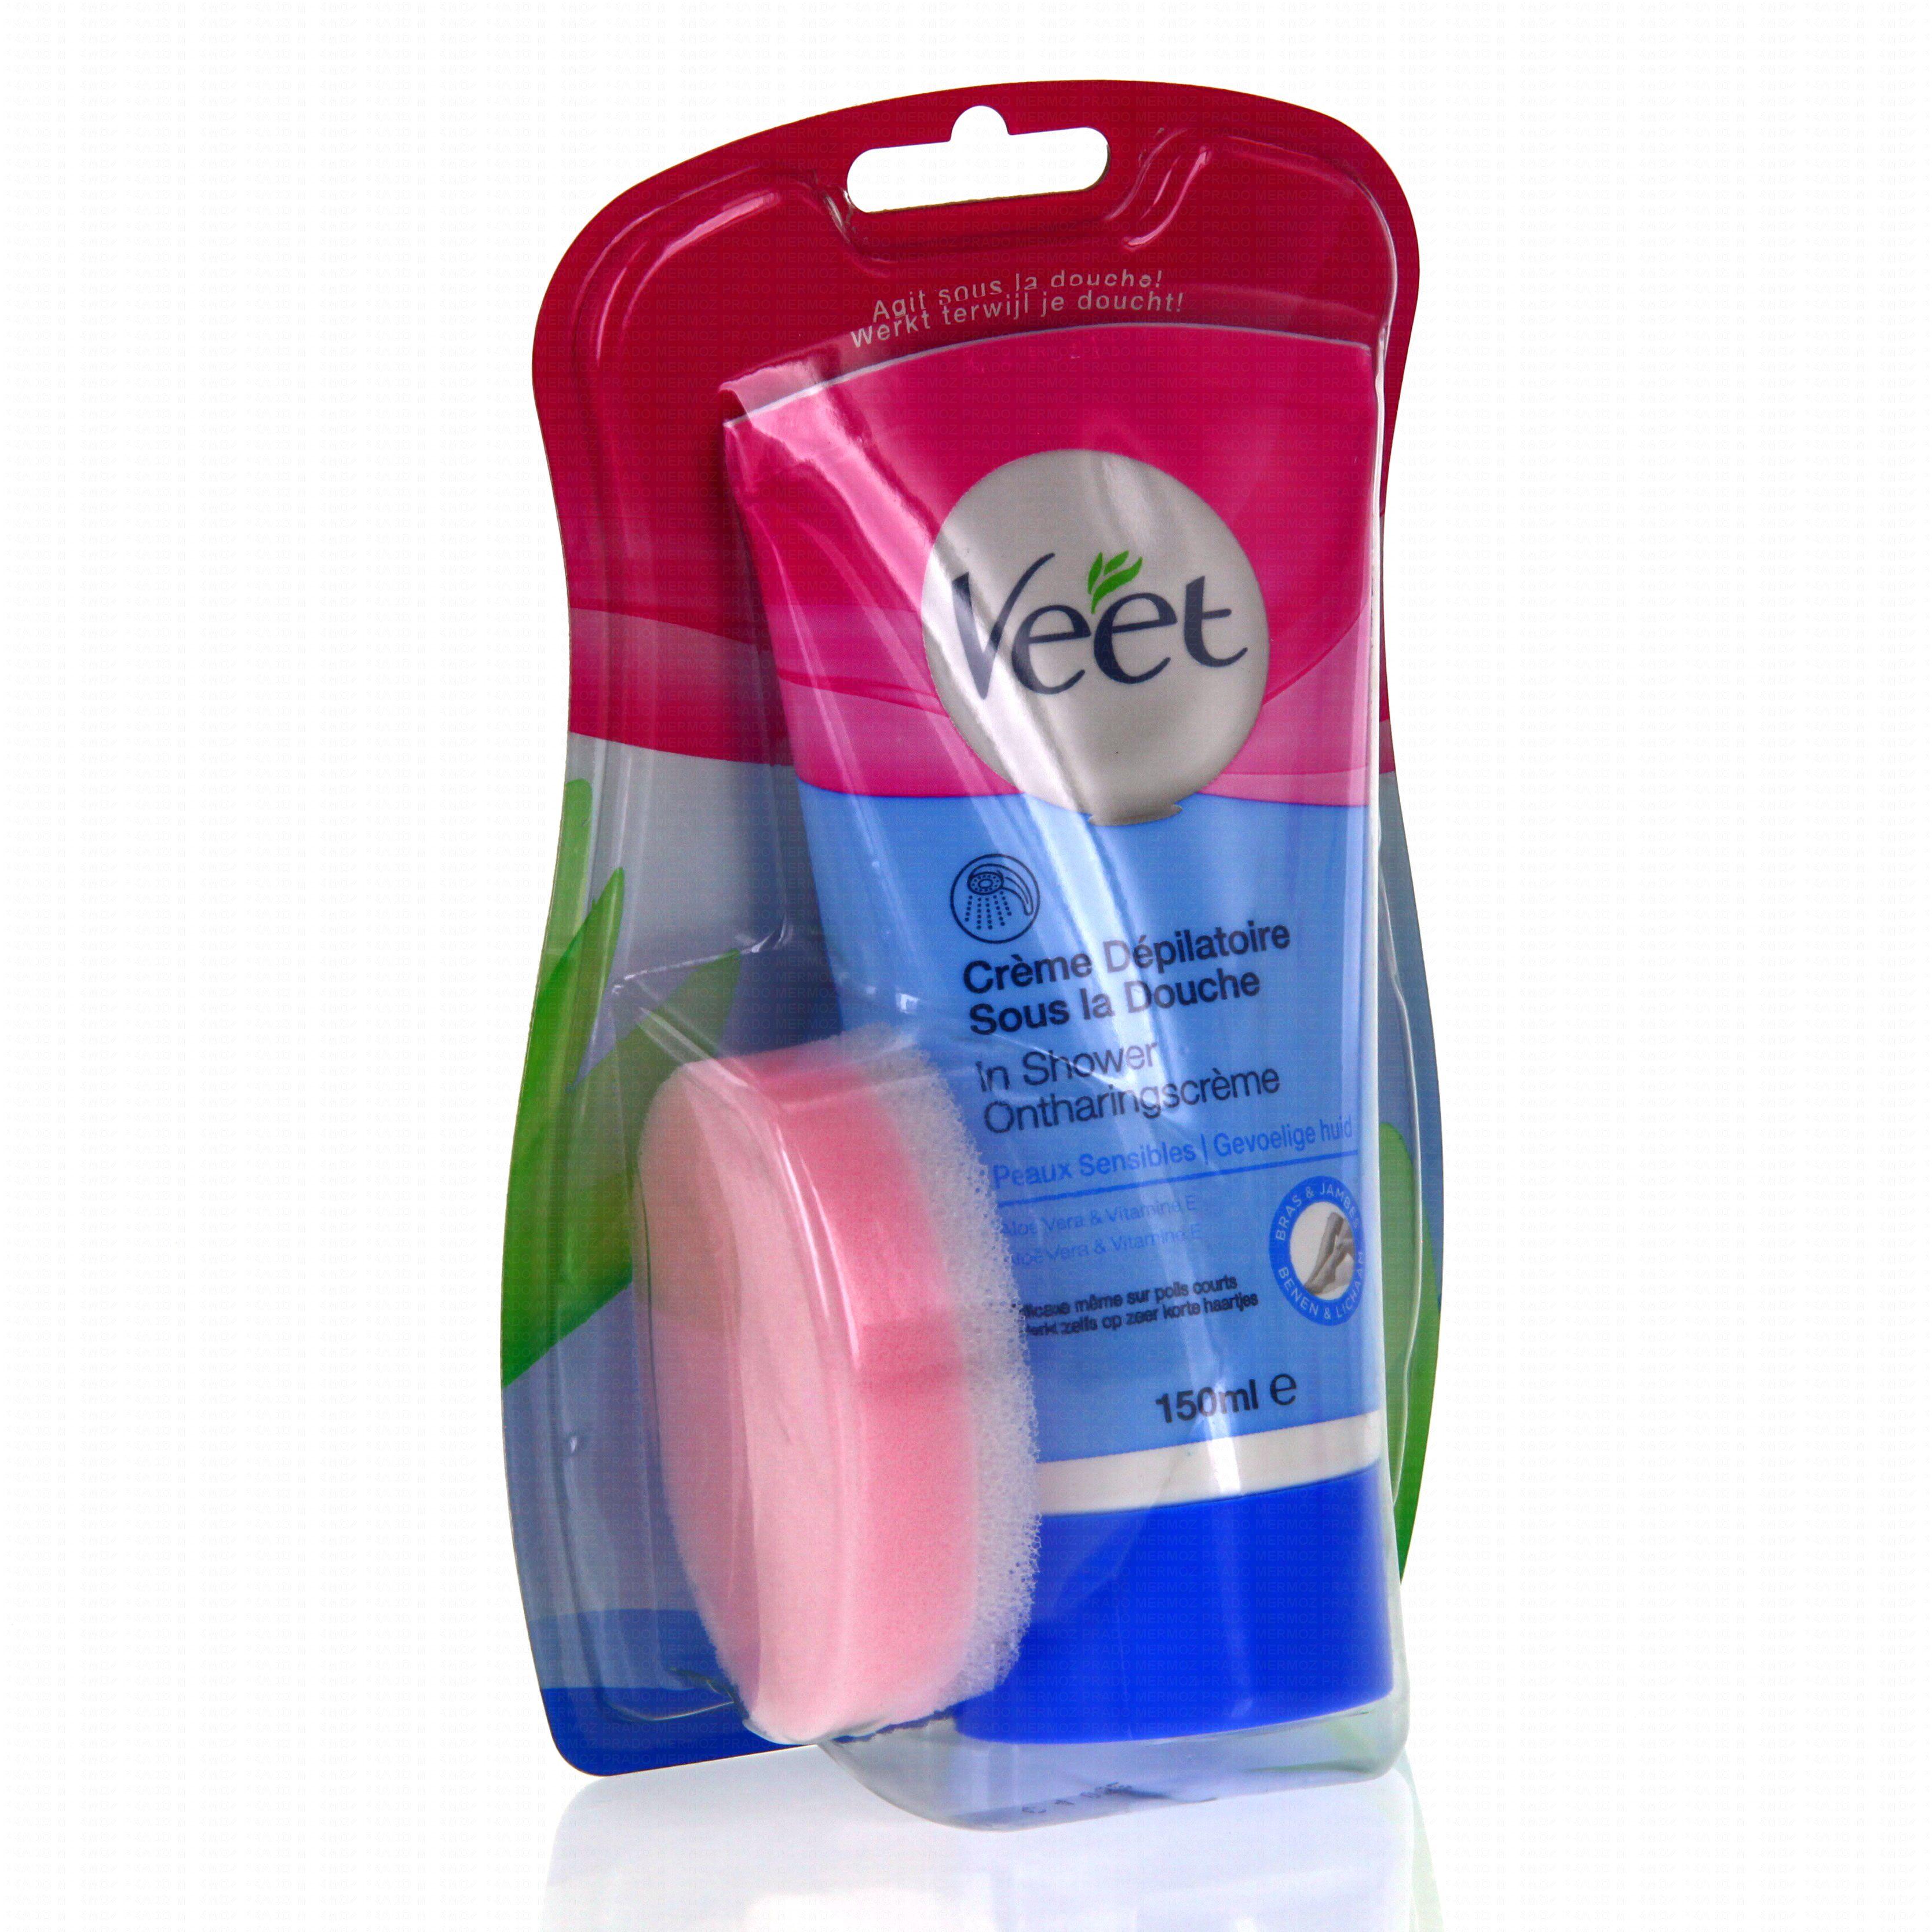 Veet cr me d pilatoire sous la douche peaux sensibles tube - Veet creme depilatoire sous la douche ...